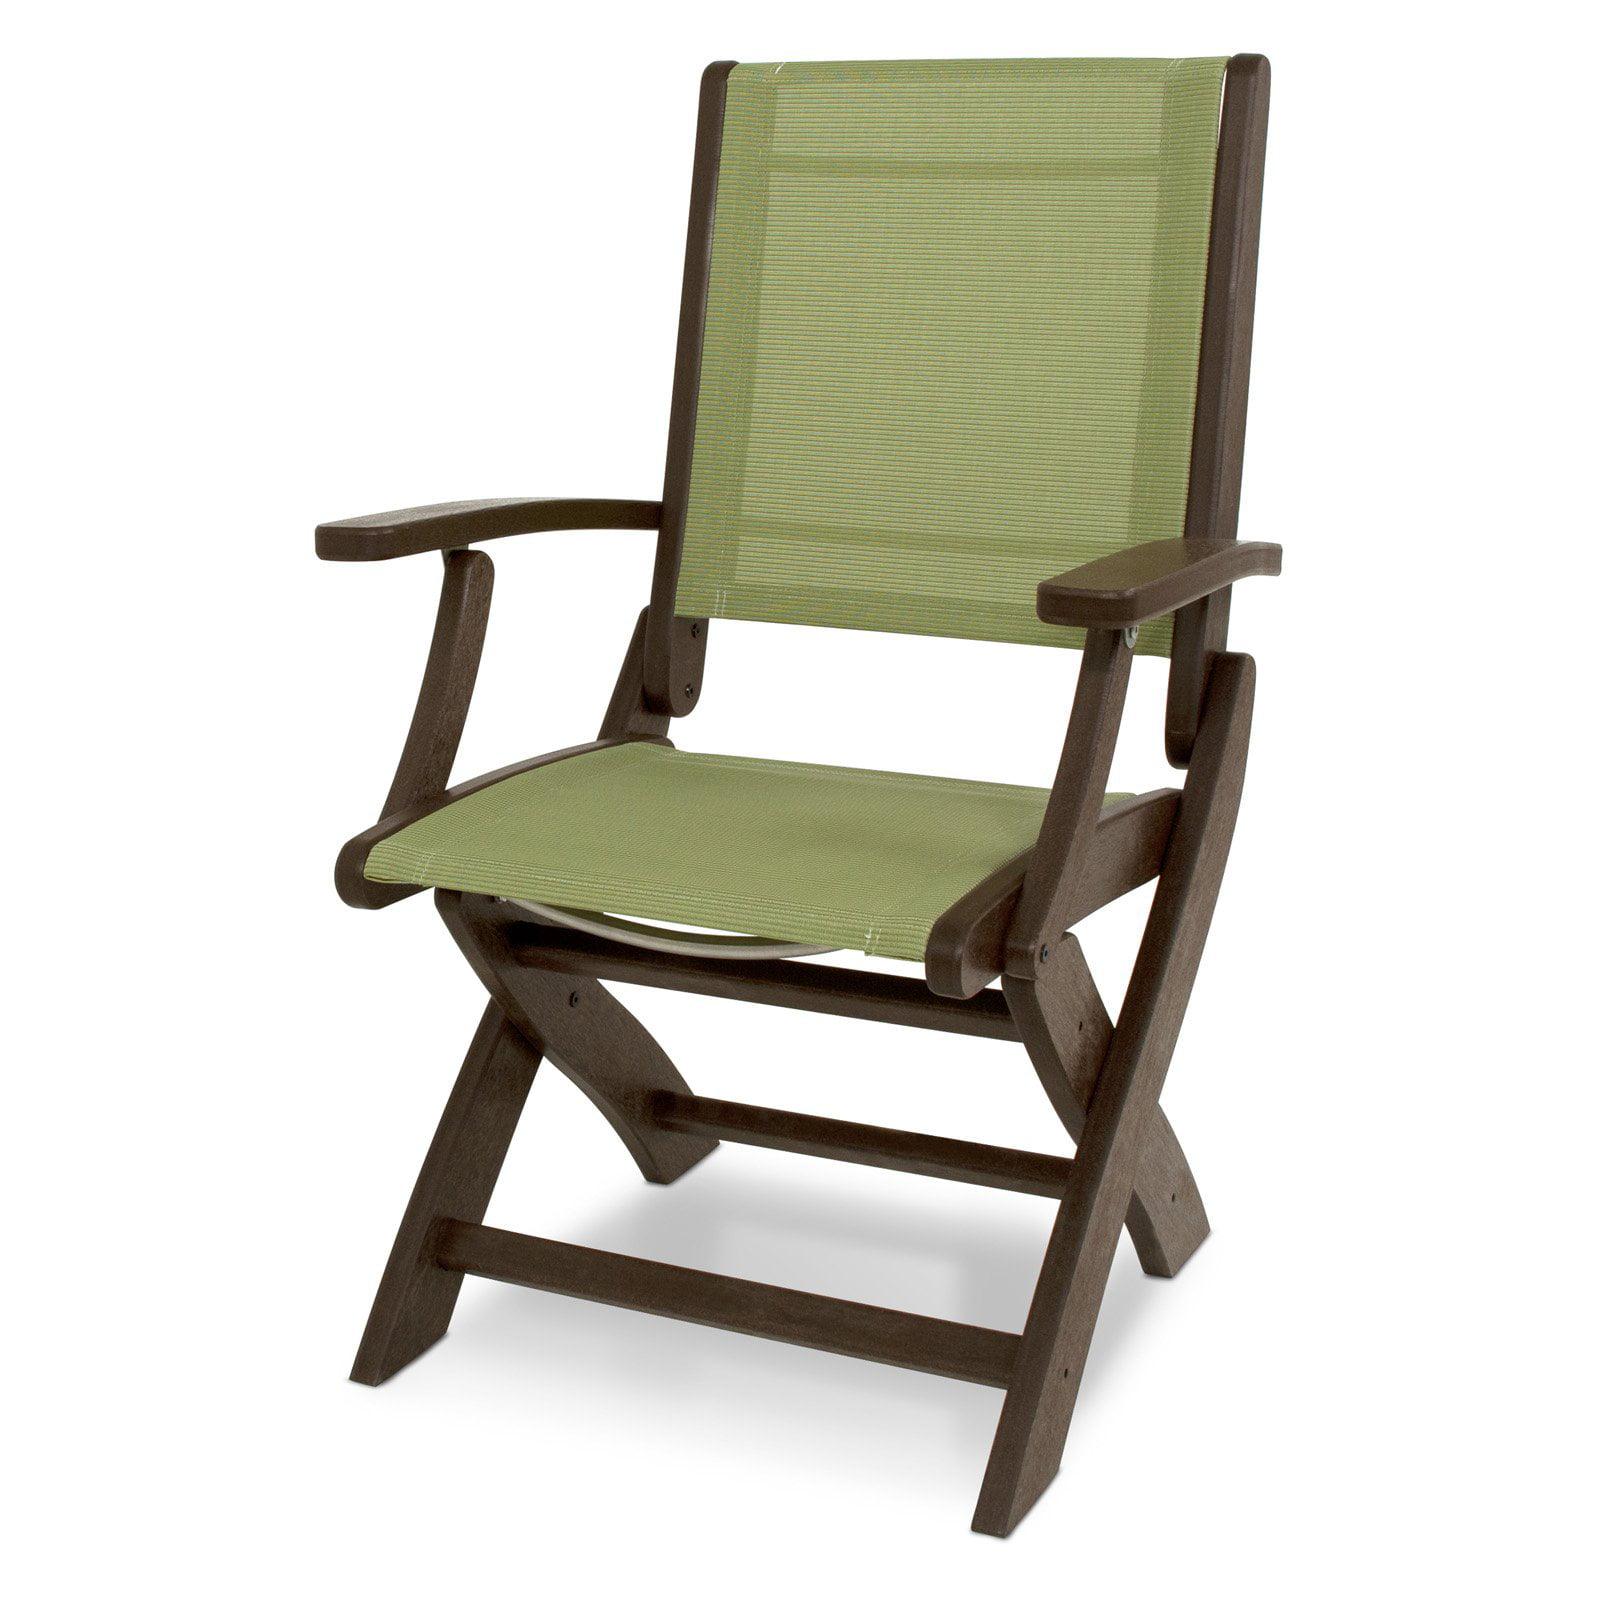 Polywood Coastal Sling Folding Chair Mahogany Kiwi - 9000-MA911